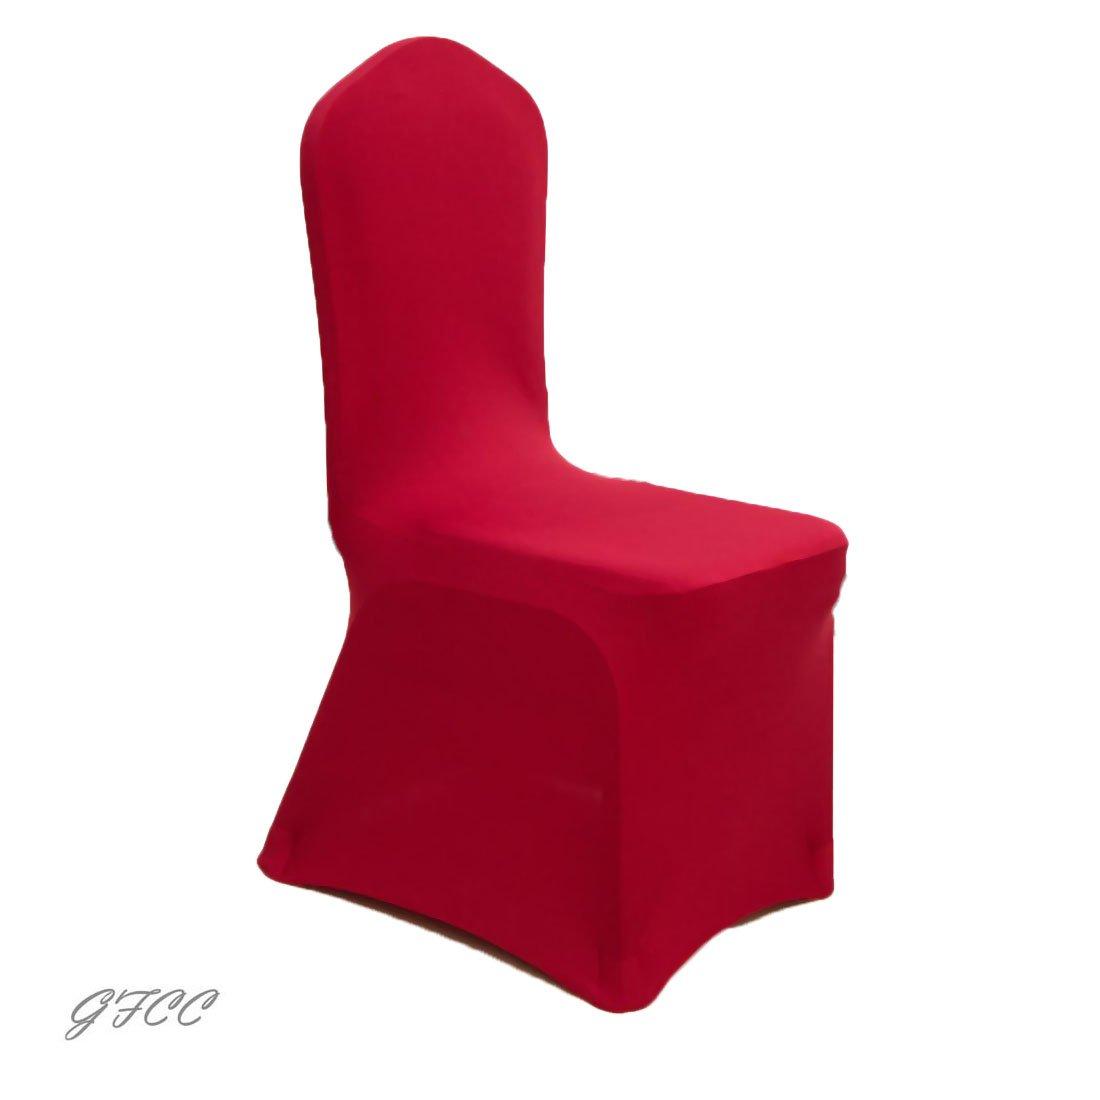 gfccのセット50個レッドカラースパンデックス椅子カバーは、結婚式、パーティー、宴会、クリスマス  B06XQHCL2C